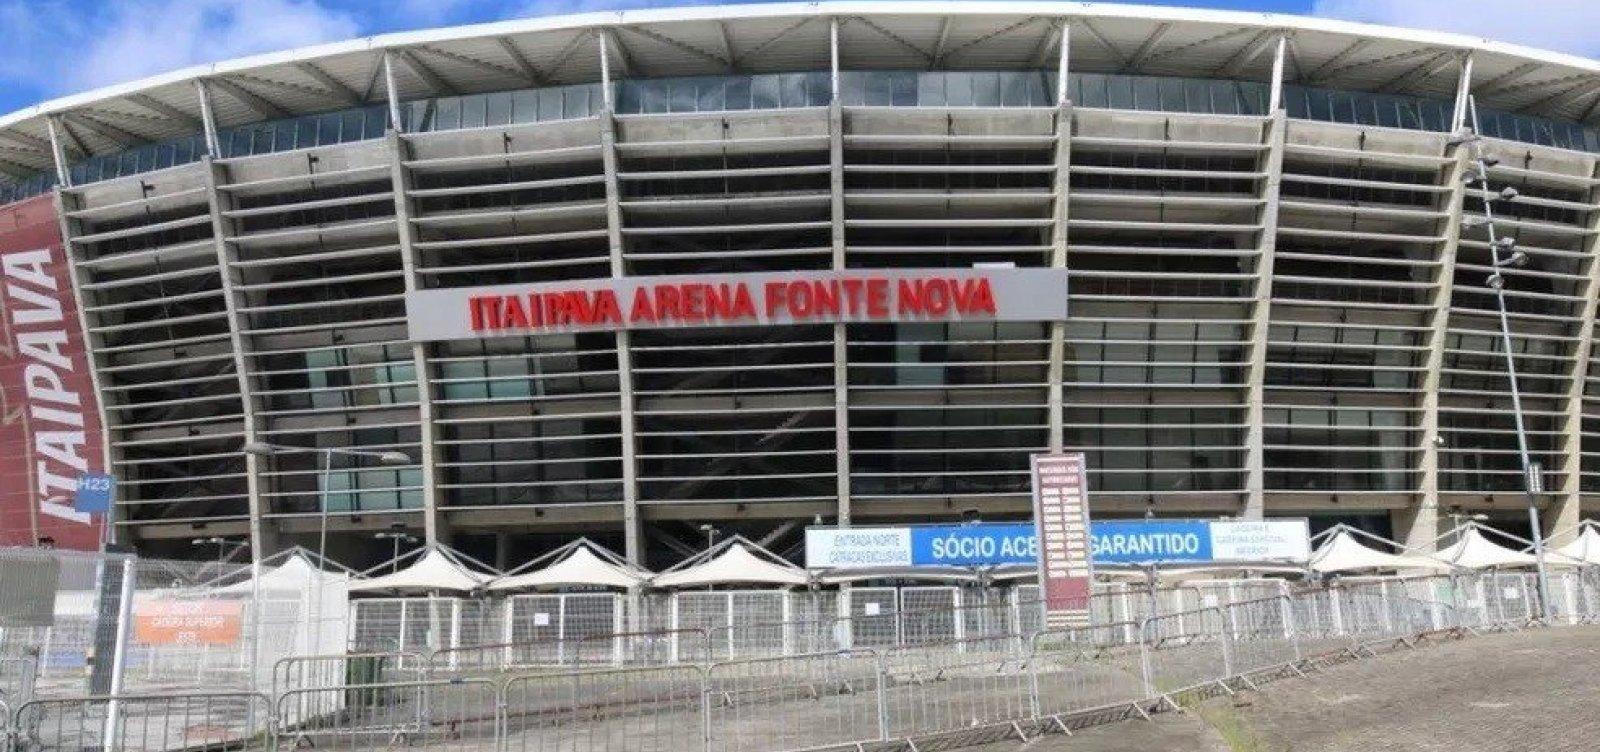 Rui Costa anuncia reabertura do hospital de campanha da Fonte Nova nesta sexta-feira